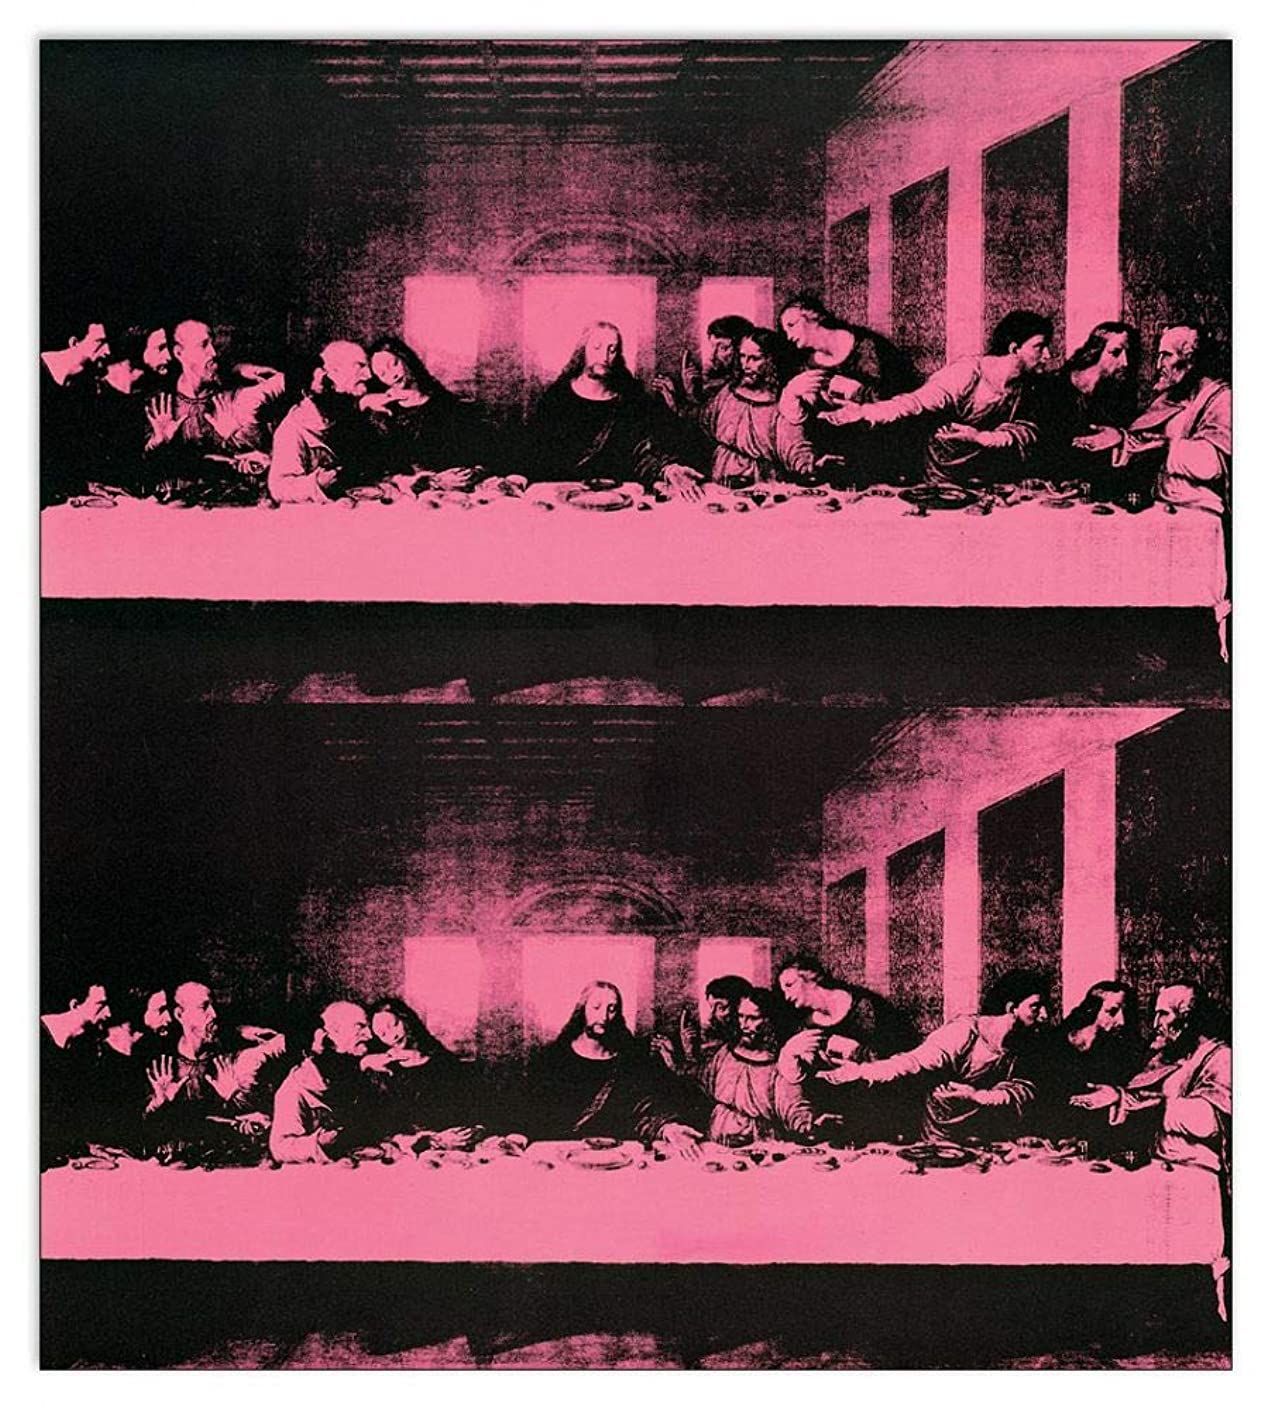 Artopweb TW22219 Decorative Panel 27x30.5 Inch Multicolored